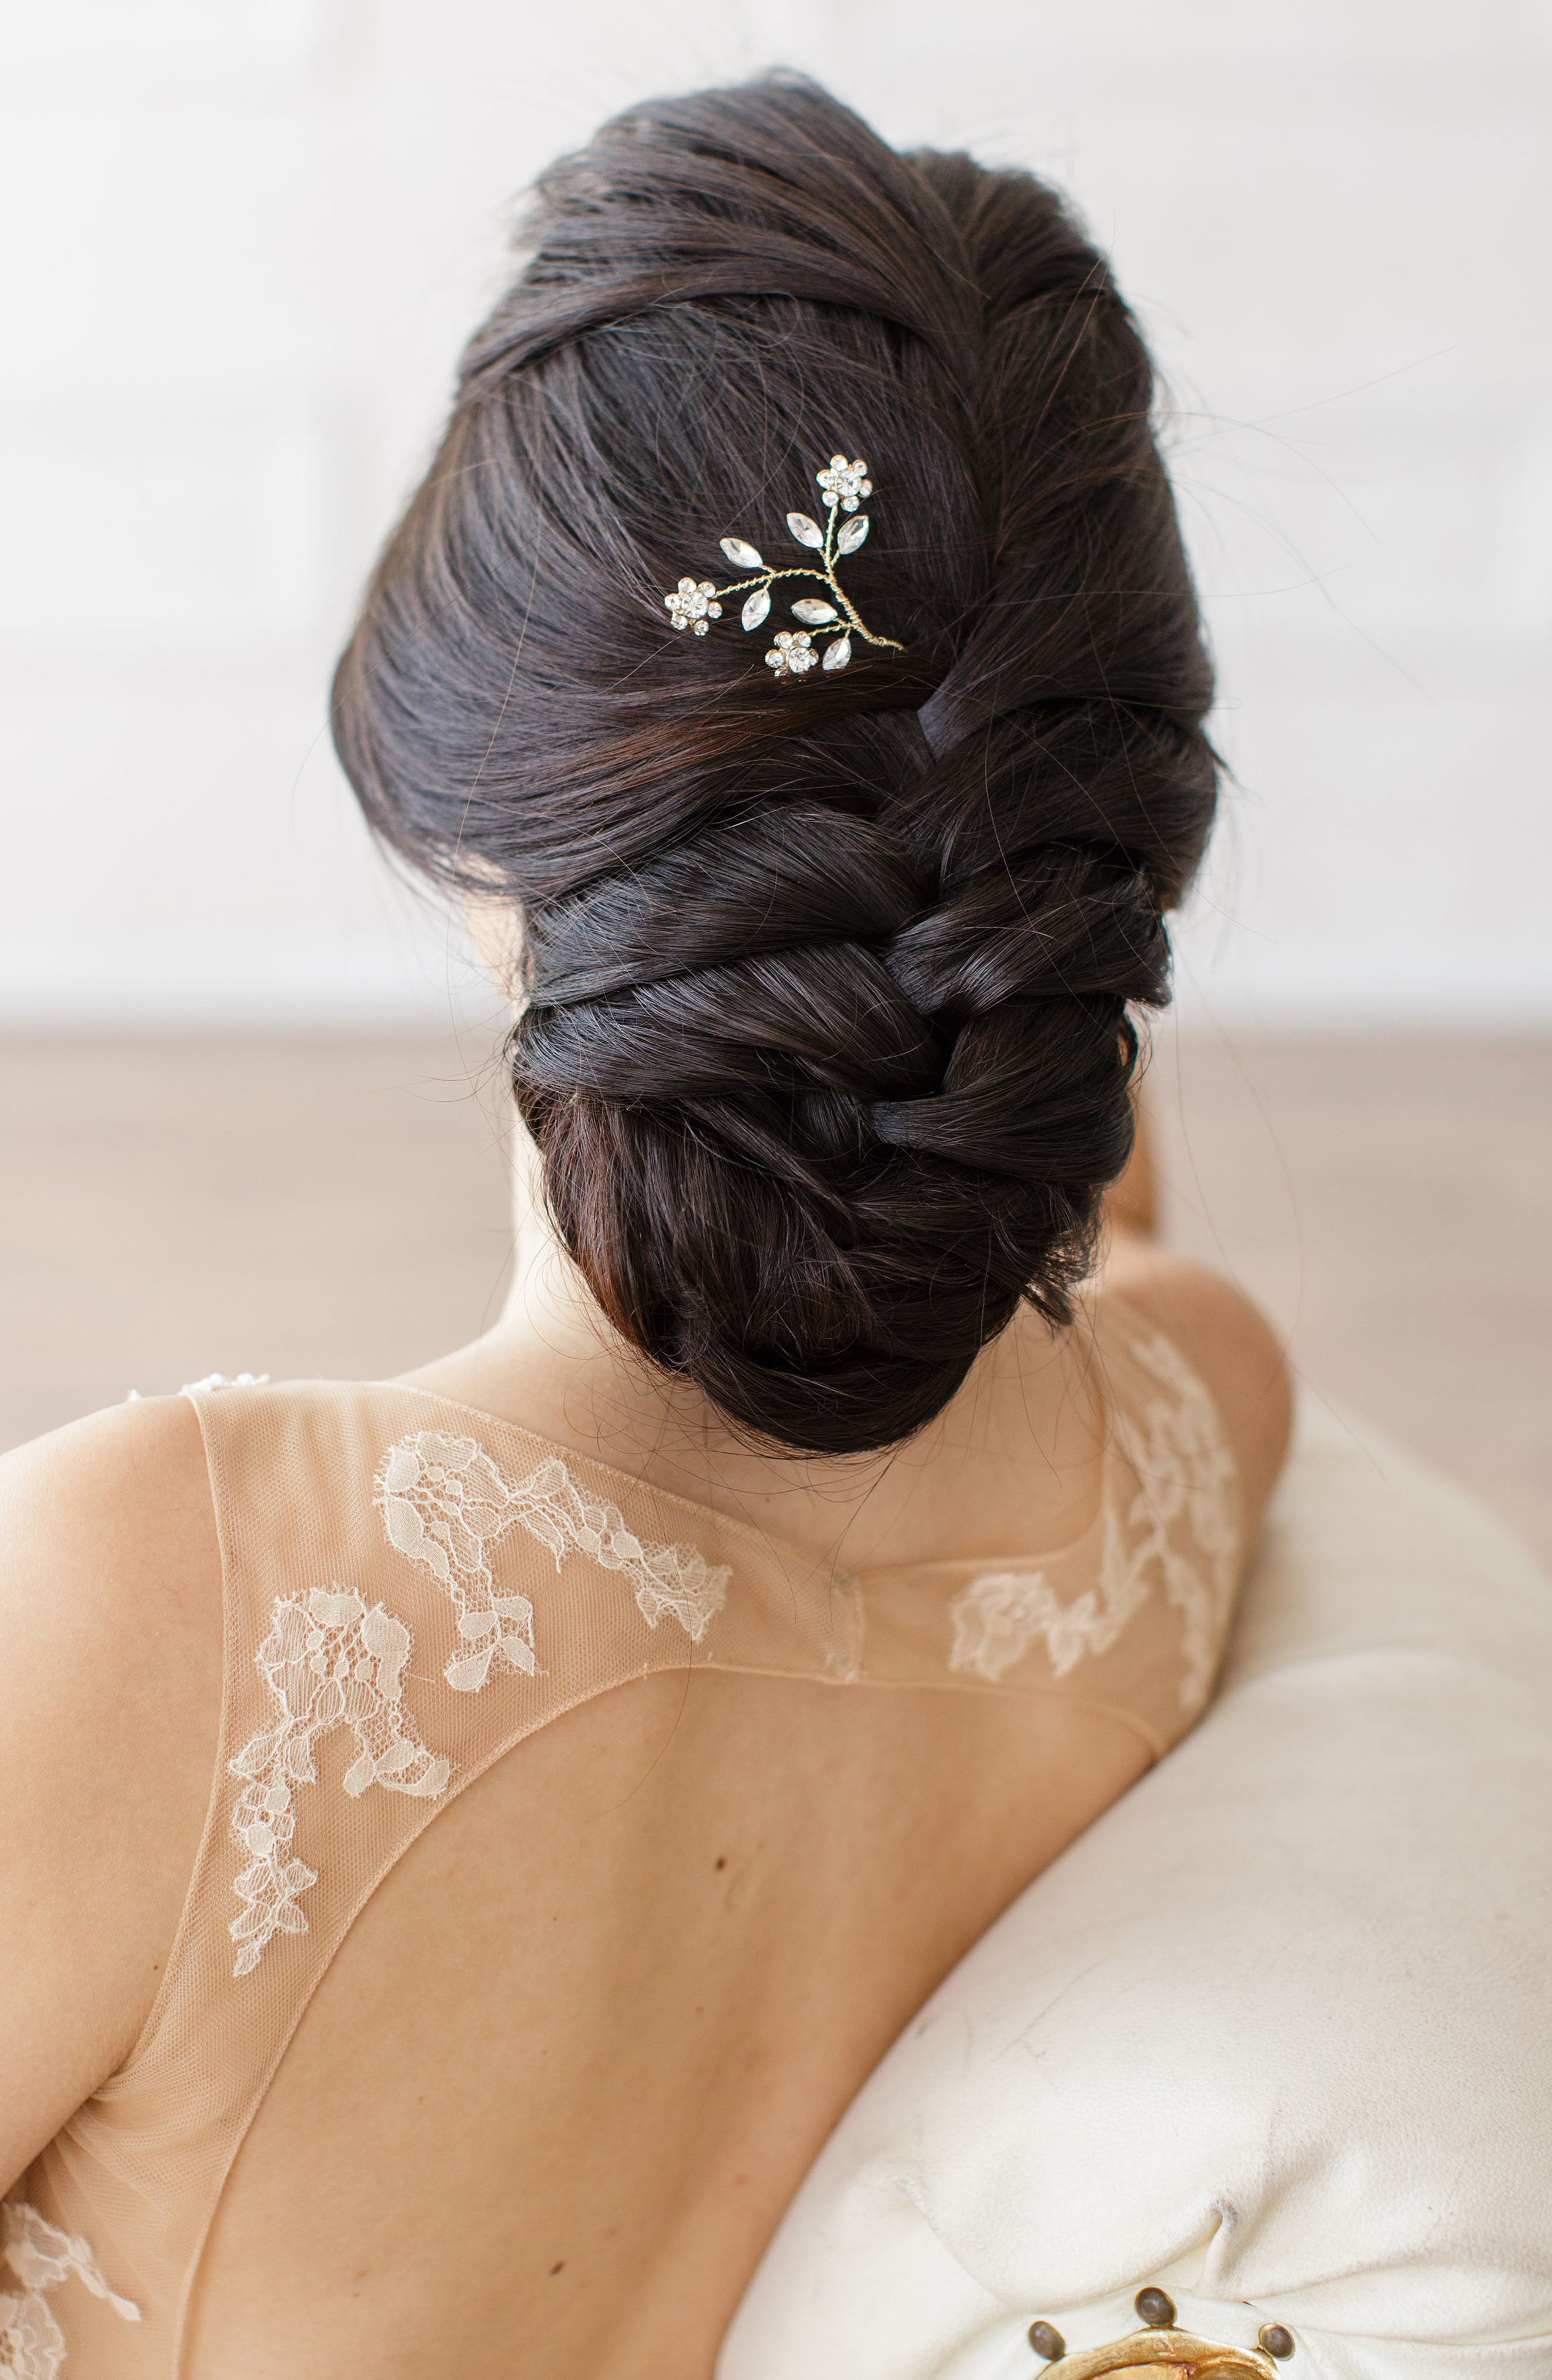 Brides & Hairpins Ameenah Floral Crystal Pin